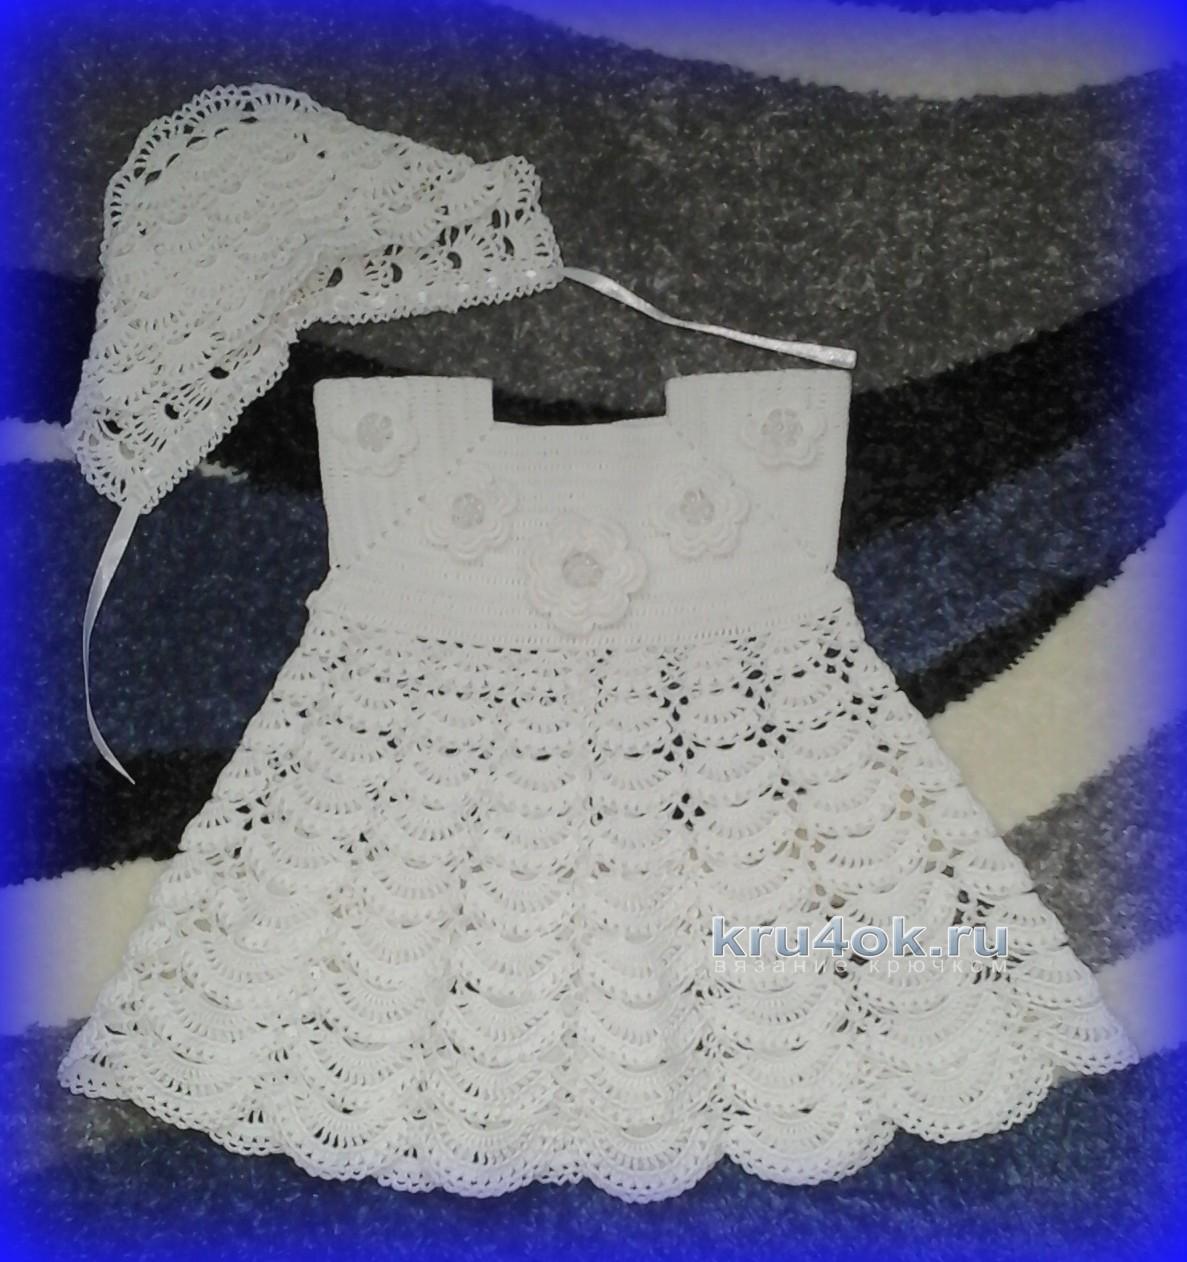 Платье на крестины - 5 моделей Платья для крестин детское крючком схемы